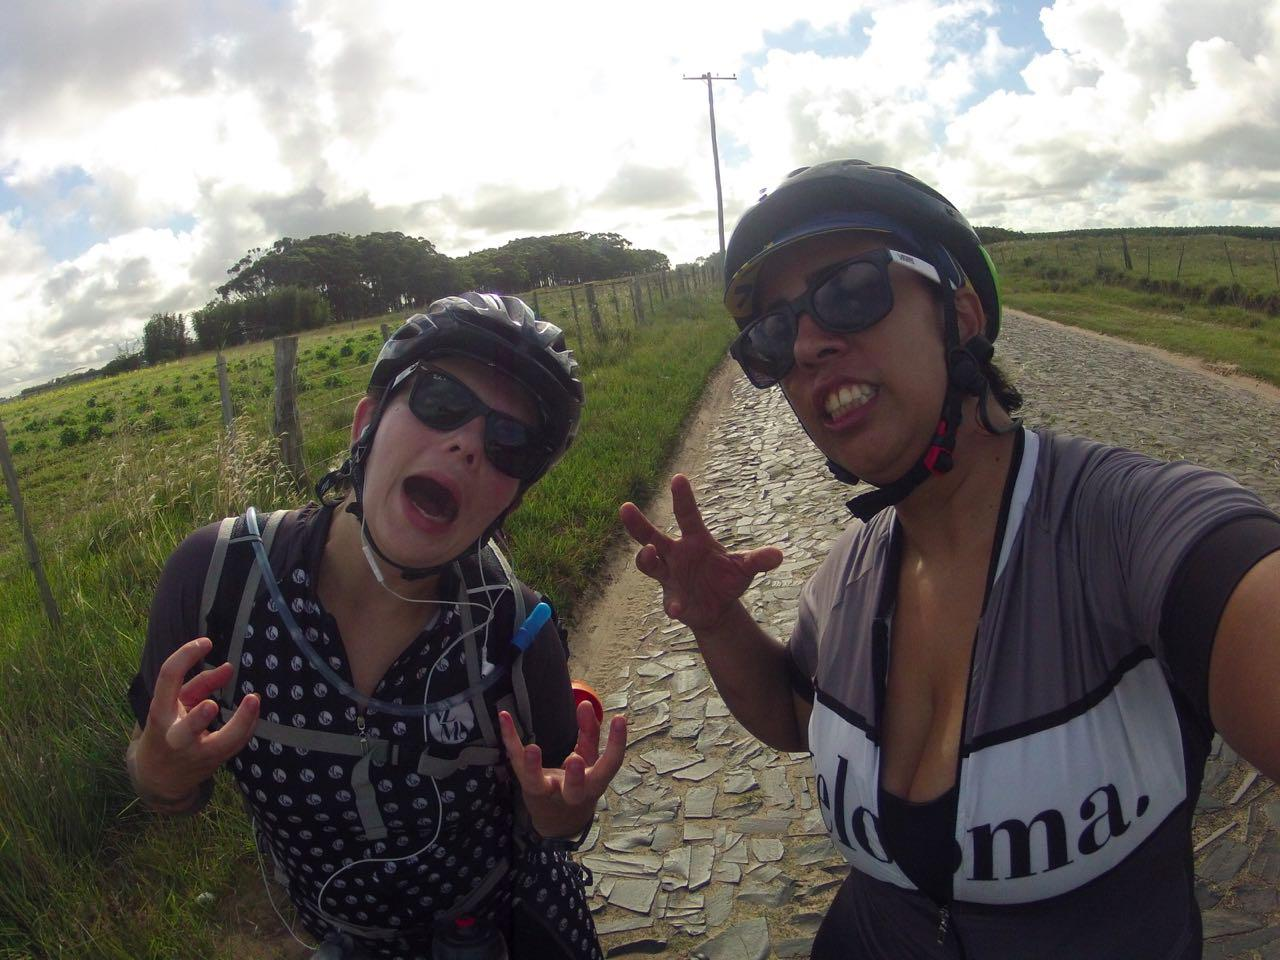 bike handling pavet paralelepipedo